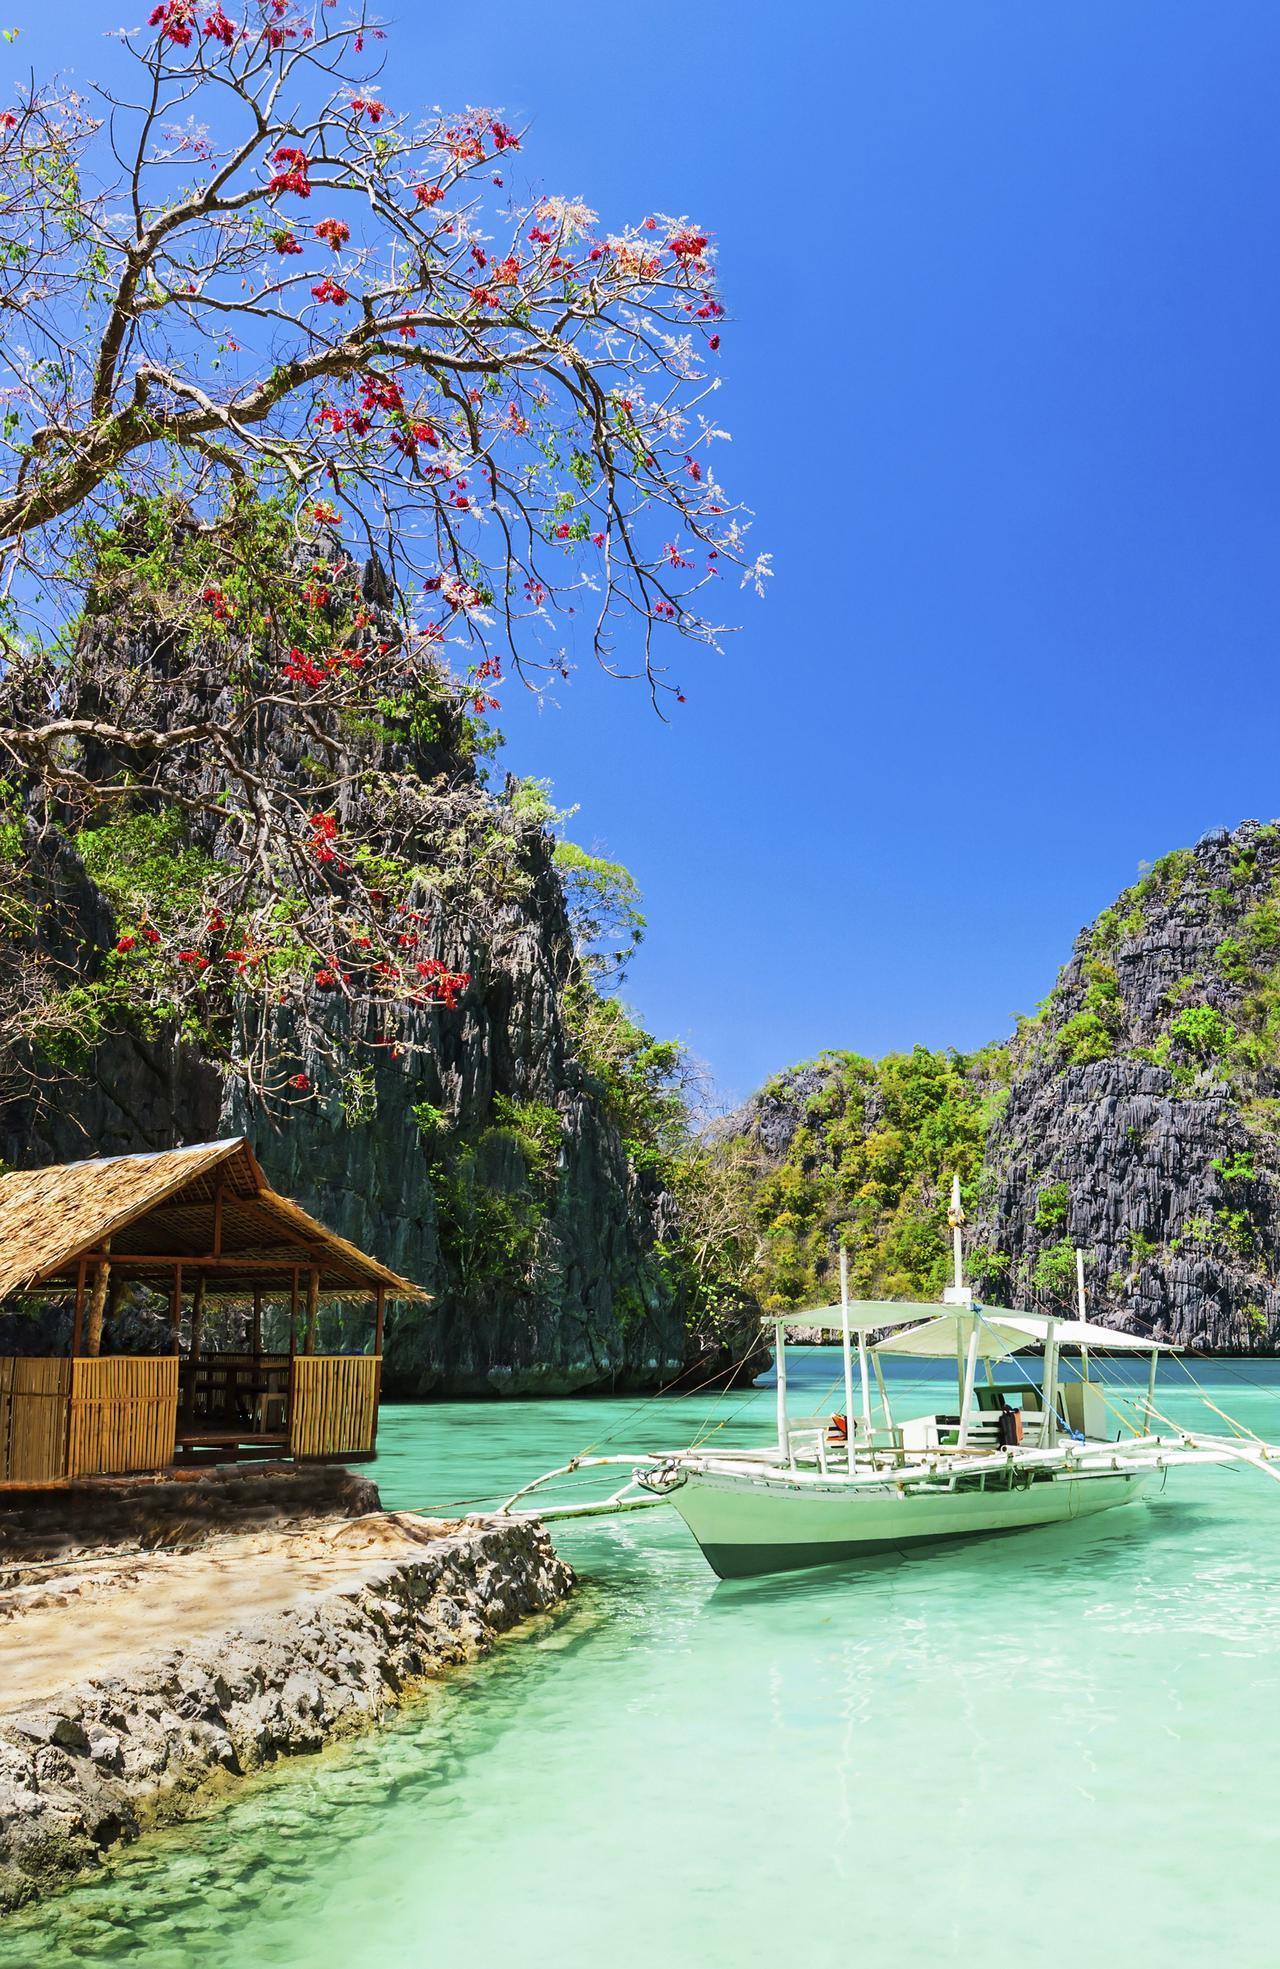 ESCAPE: ISLANDS .. Filipino boat in the sea, Coron, Philippines. Picture: iStock